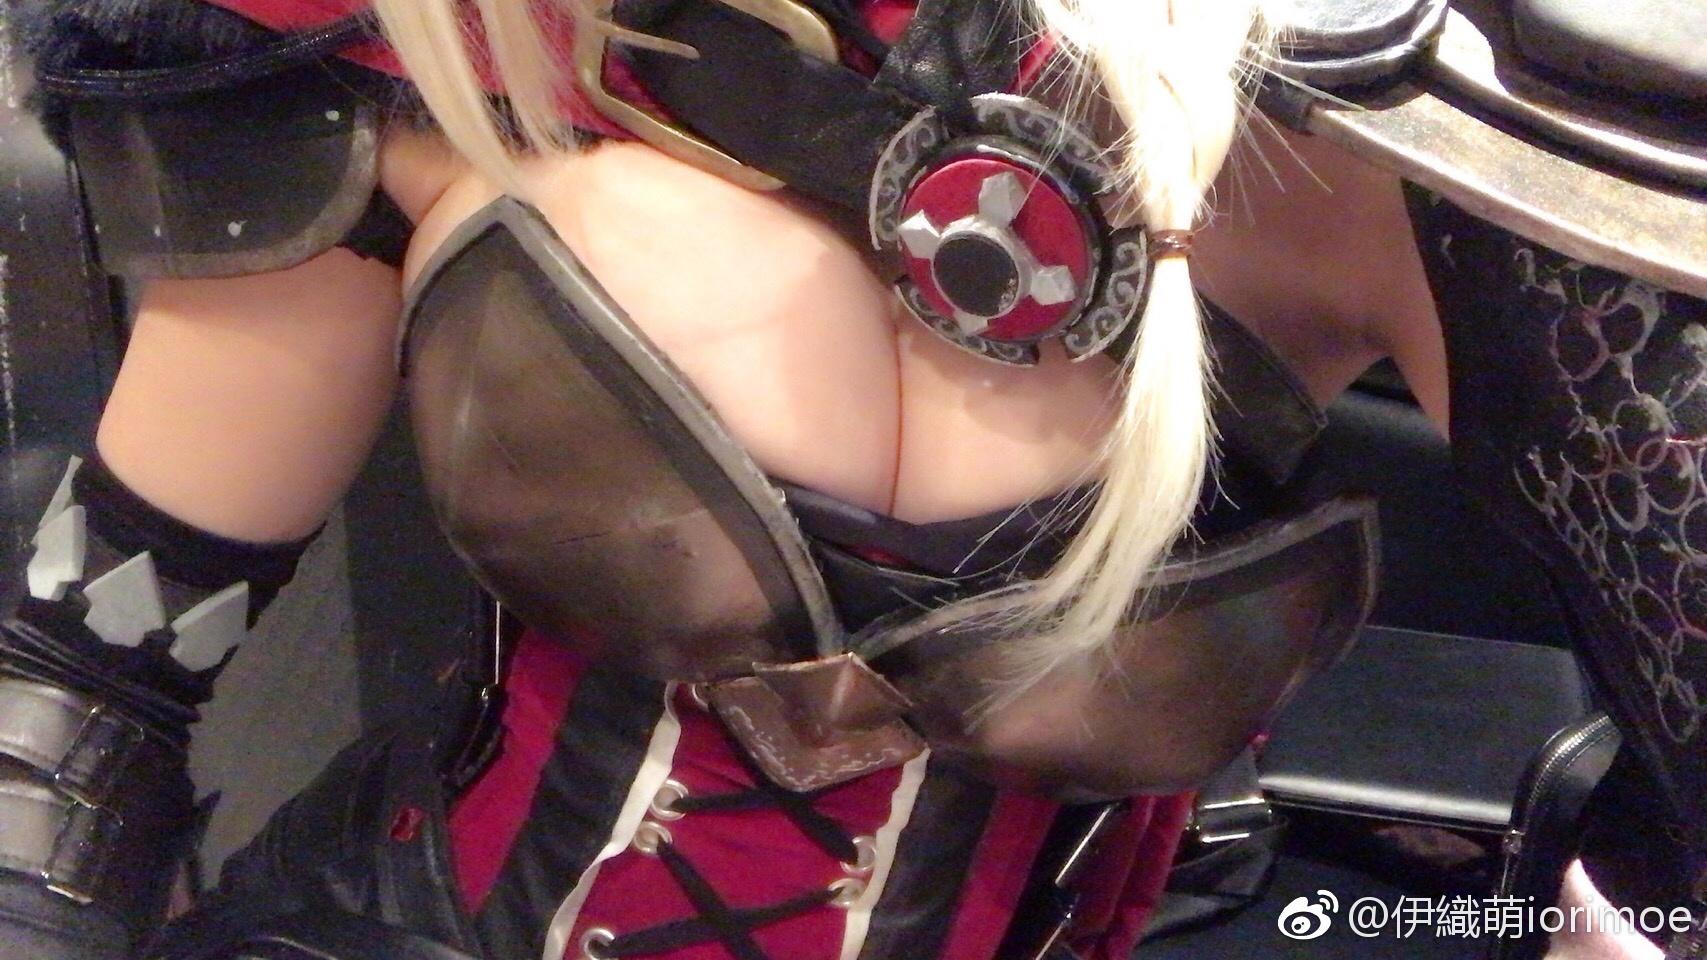 伊織萌iorimoe要睡觉了![喵喵]大家晚安!♡上周感_美女福利图片(图11)